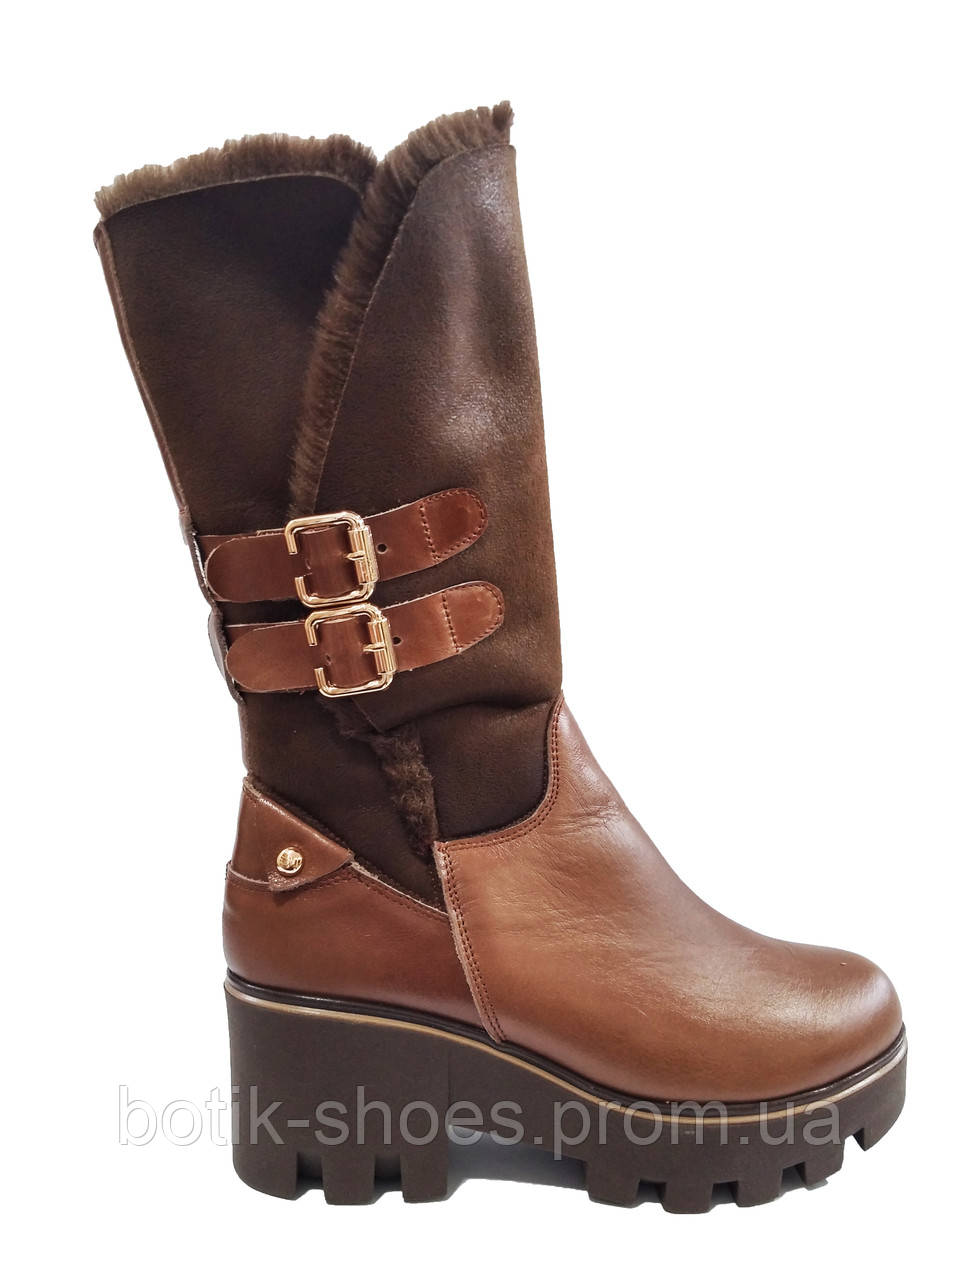 fd597c37d Сапоги зимние женские кожаные на платформе трактор M.KraFVT 3212 -  интернет-магазин обуви